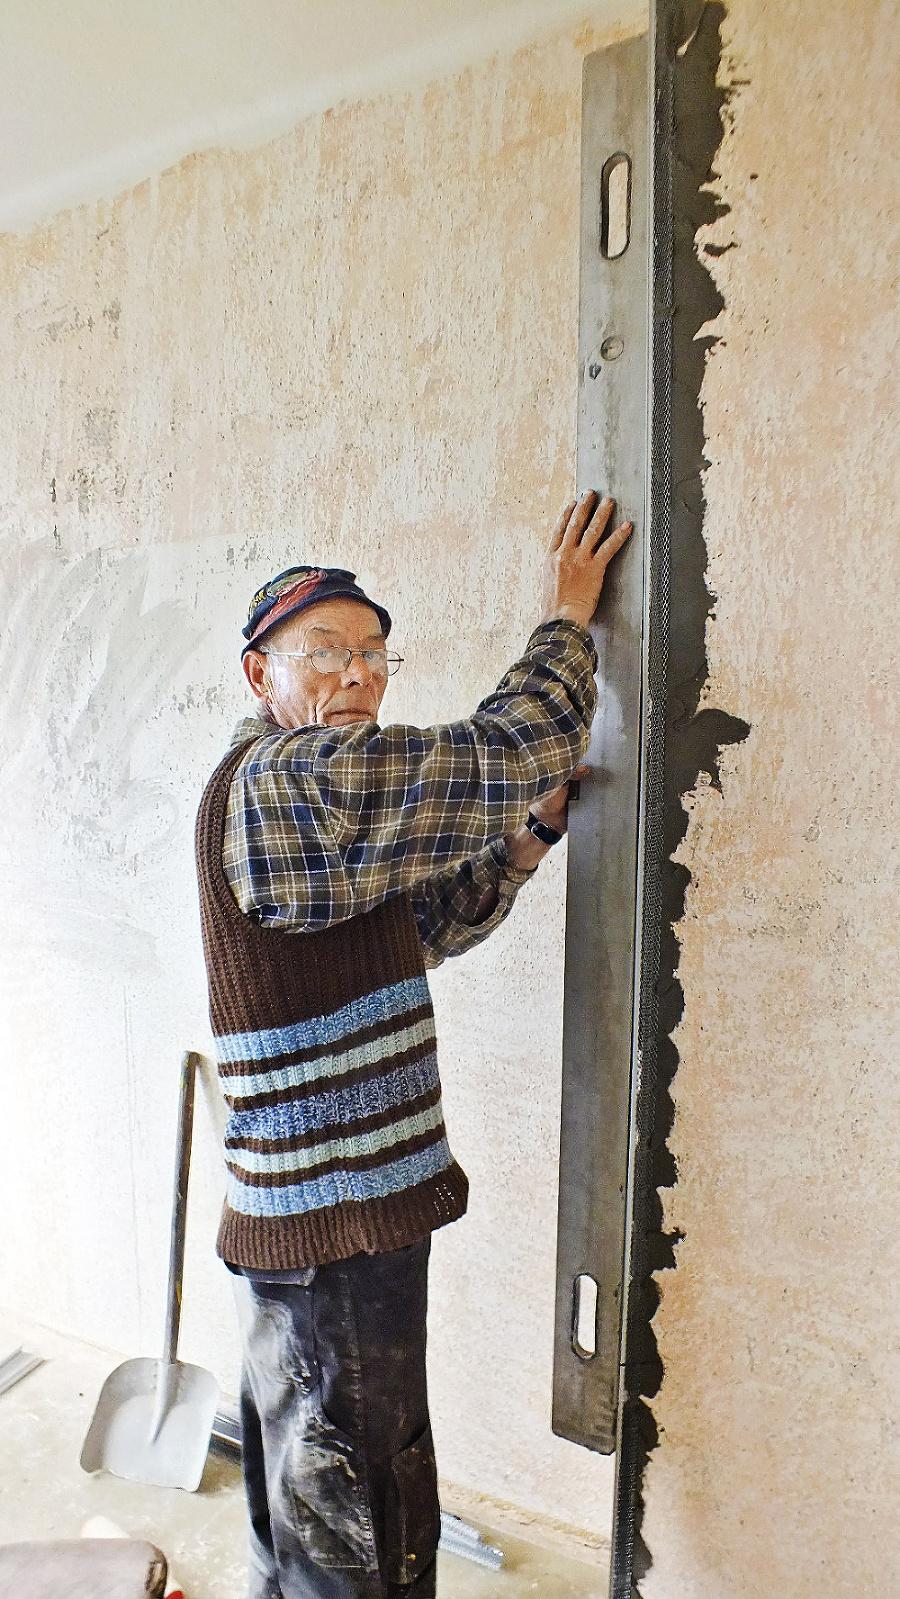 Murár Milan Graban (62) už opravuje stenu v budove sociálneho podniku.